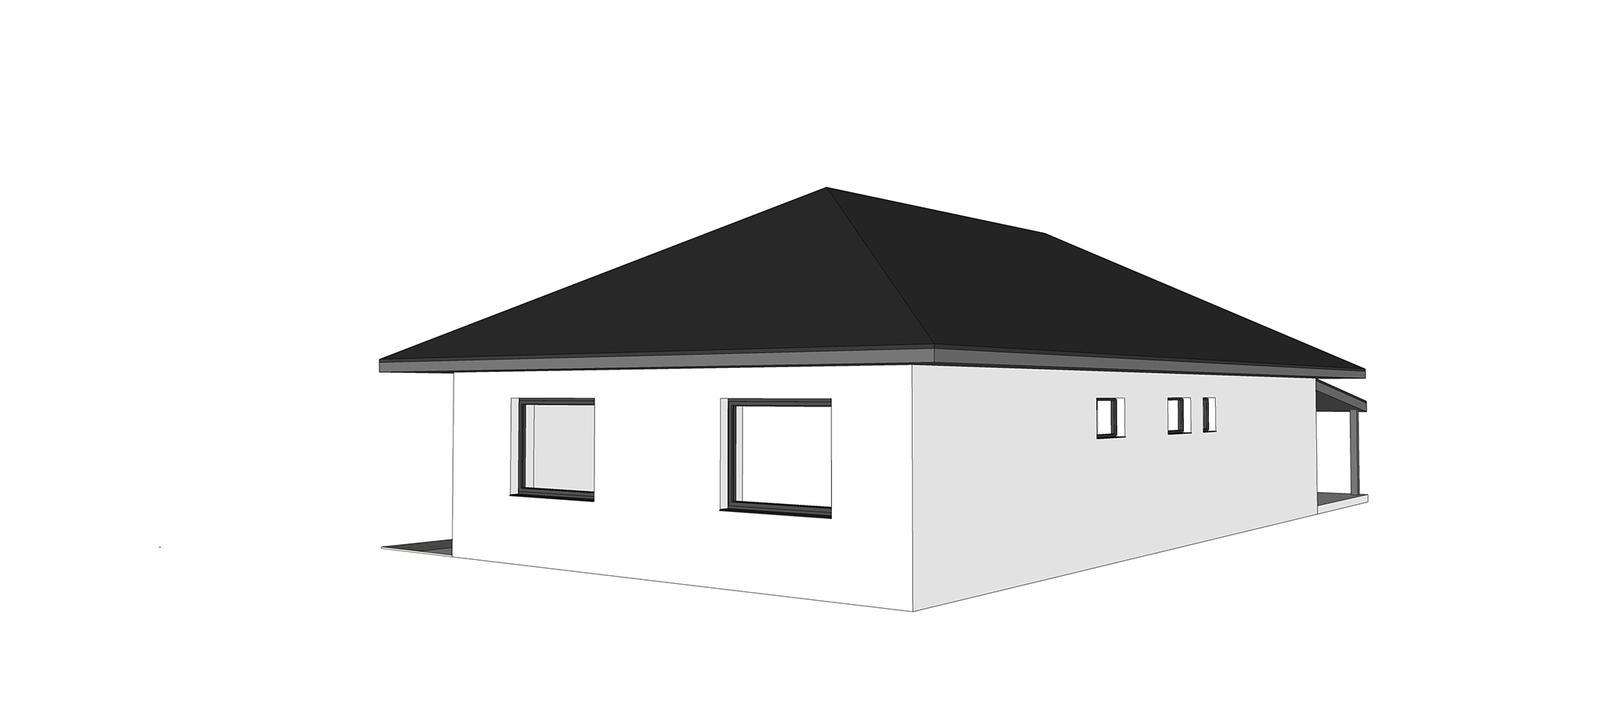 Nový bungalov a výber tvaru strechy + terasa - Obrázok č. 1